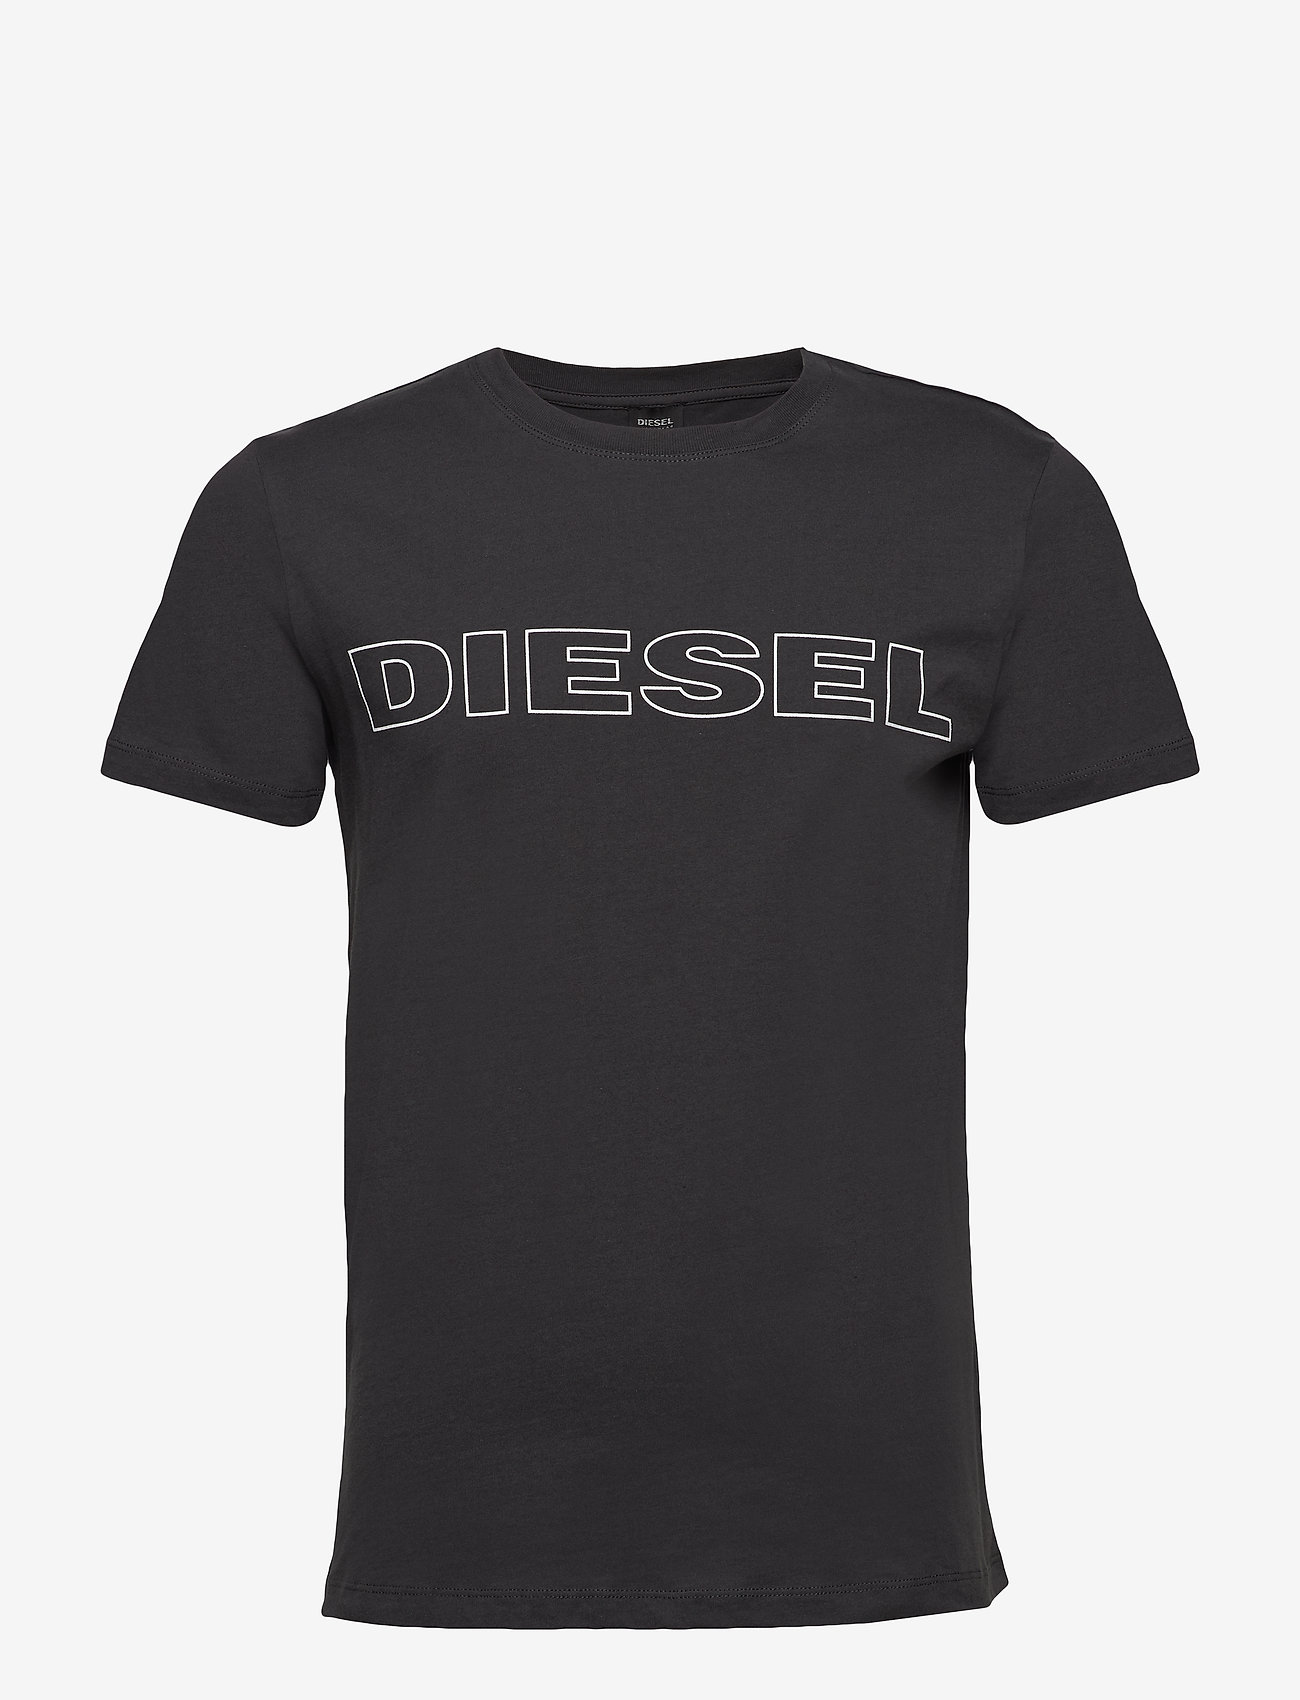 Diesel Men - UMLT-JAKE T-SHIRT - short-sleeved t-shirts - grey - 0